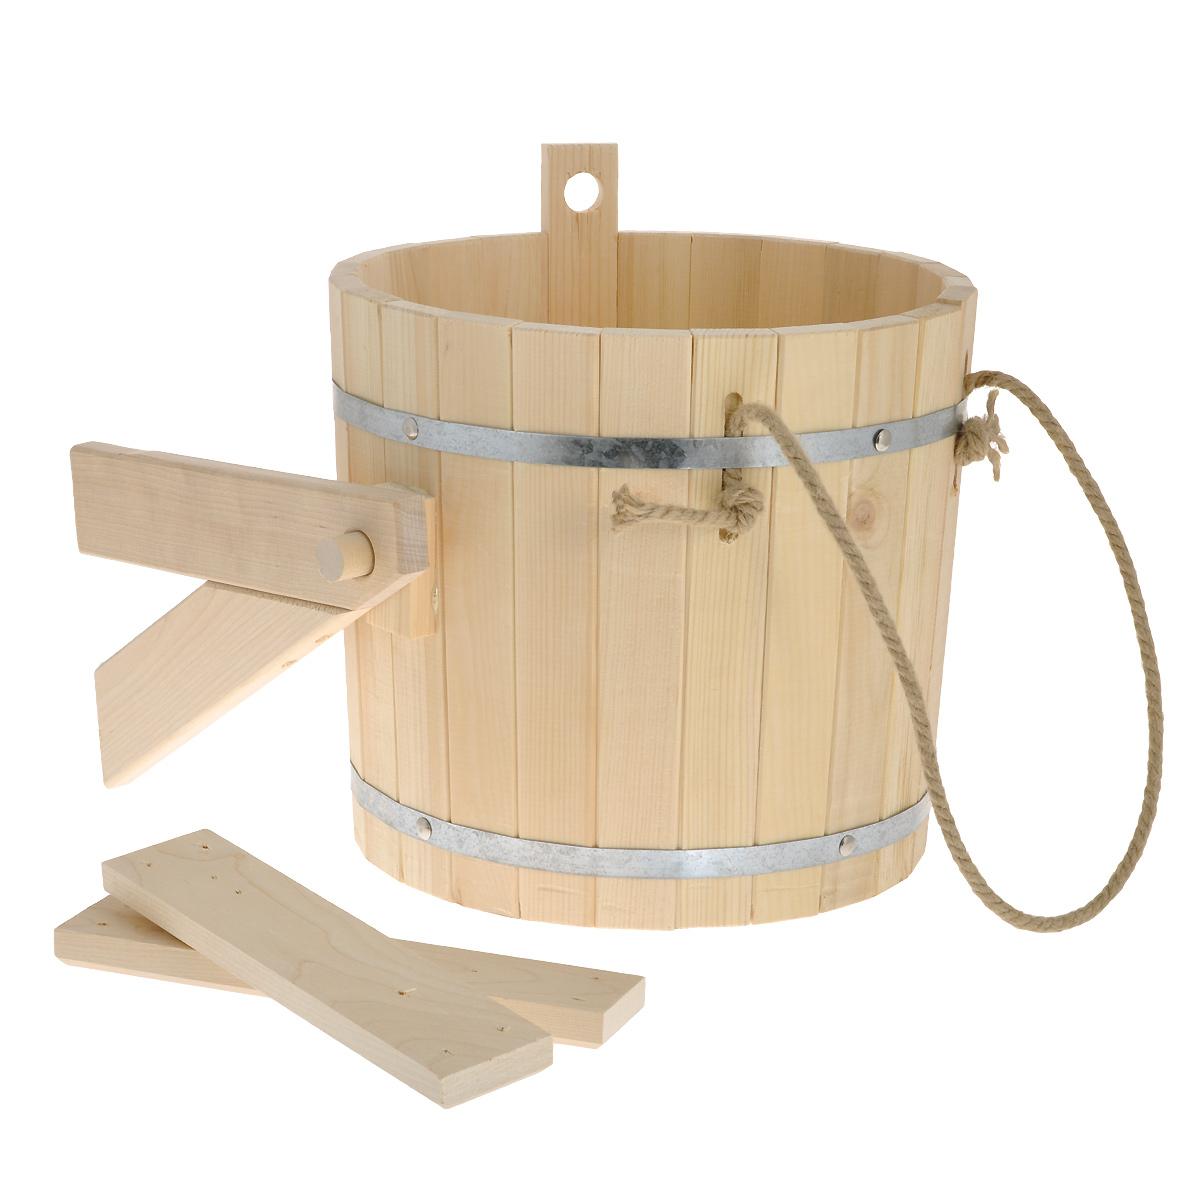 Обливное устройство Доктор баня, 16 л391602Обливное устройство Доктор баня состоит из деревянной емкости, двух кронштейнов и впускного клапана для воды. Обливное устройство изготовлено из деревянных шпунтованный клепок, склеенных между собой водостойким клеем и стянутых двумя обручами из нержавеющей стали. Внутри и снаружи устройство покрыто экологически безопасной мастикой на основе природного воска, который обеспечивает высокую степень защиты древесины от воздействия воды. Обливное устройство может монтироваться как к стенам, так и к потолку помещения. Обливное устройство предназначено для контрастного обливания после высоких температур парной в банях и саунах. Обливные устройства используются как внутри бани, так и снаружи. Рекомендуется периодически проверять прочность узловых соединений и надежность крепления к стене. Характеристики: Материал: дерево (кедр), металл, текстиль. Объем емкости: 16 л. Диаметр емкости: 34 см. Высота стенок емкости: 30 см.